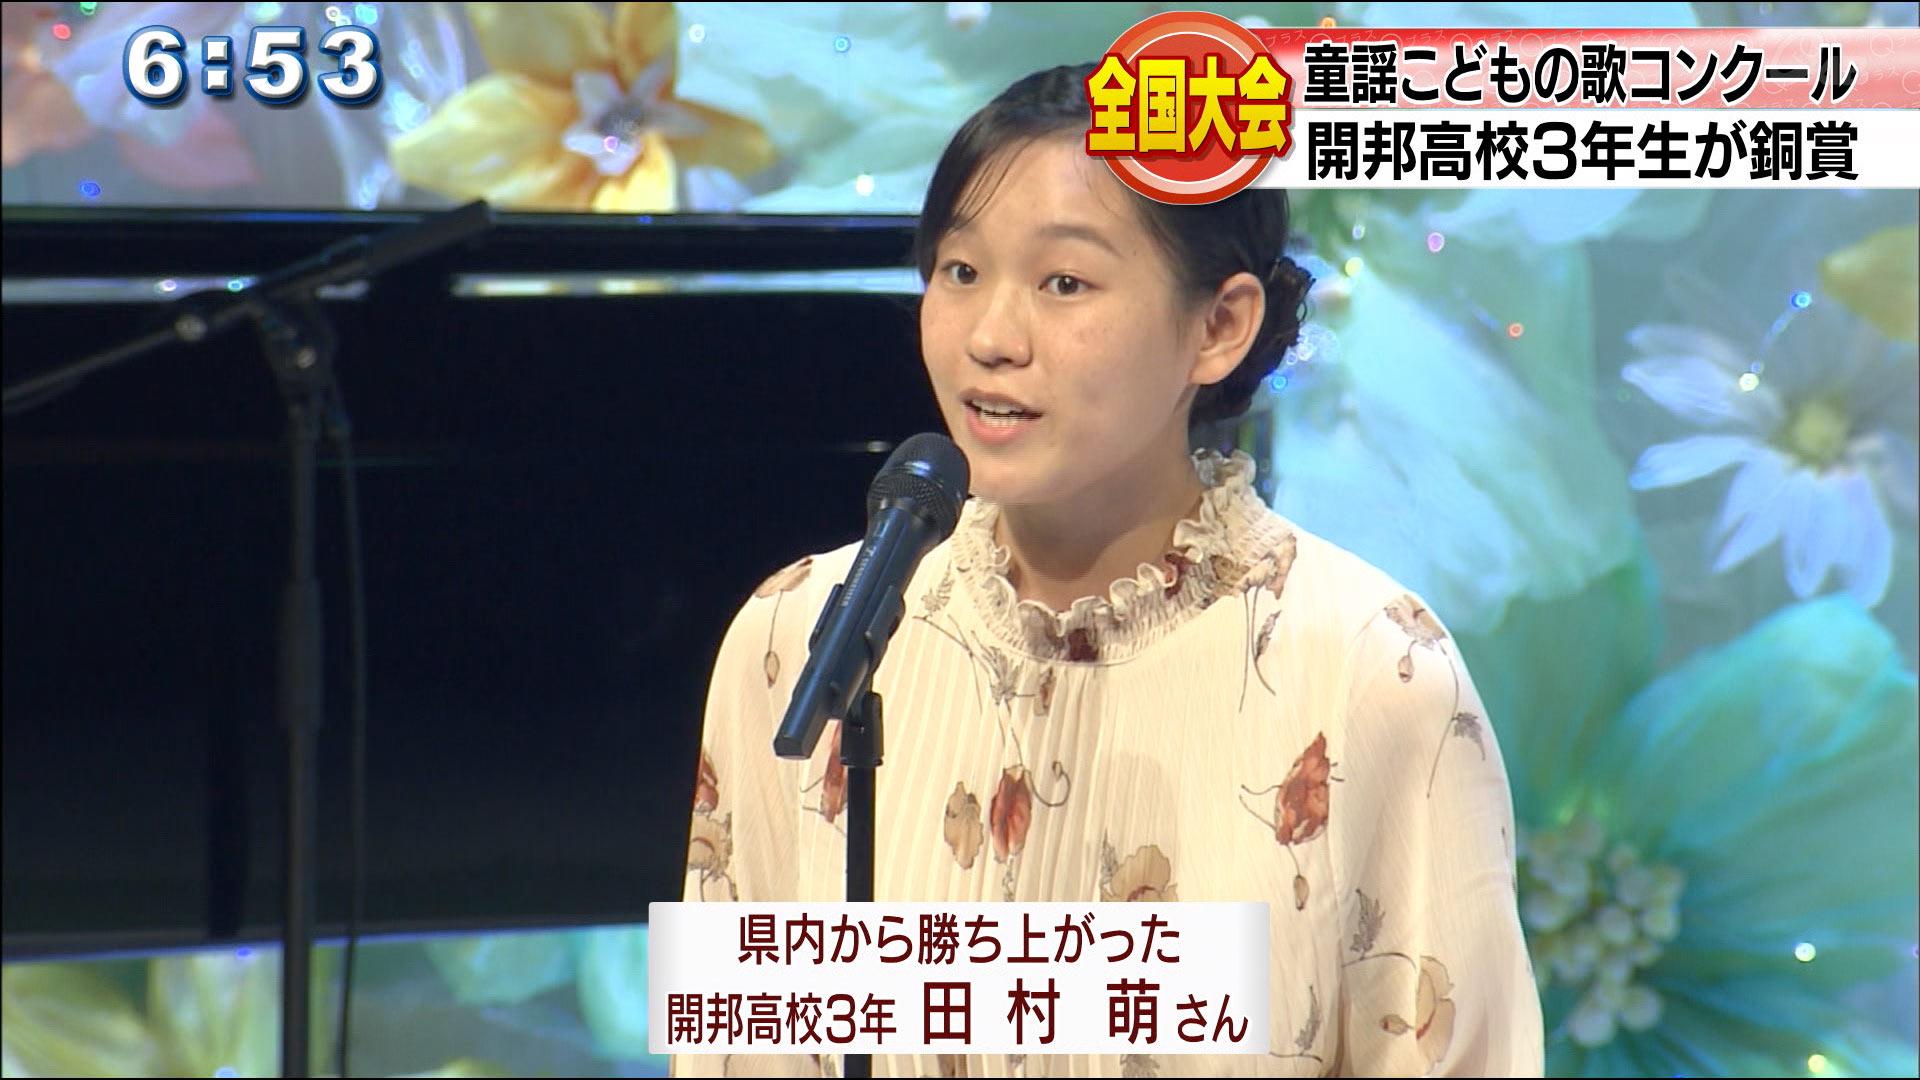 童謡こどもの歌コンクール全国大会で高校生が銅賞